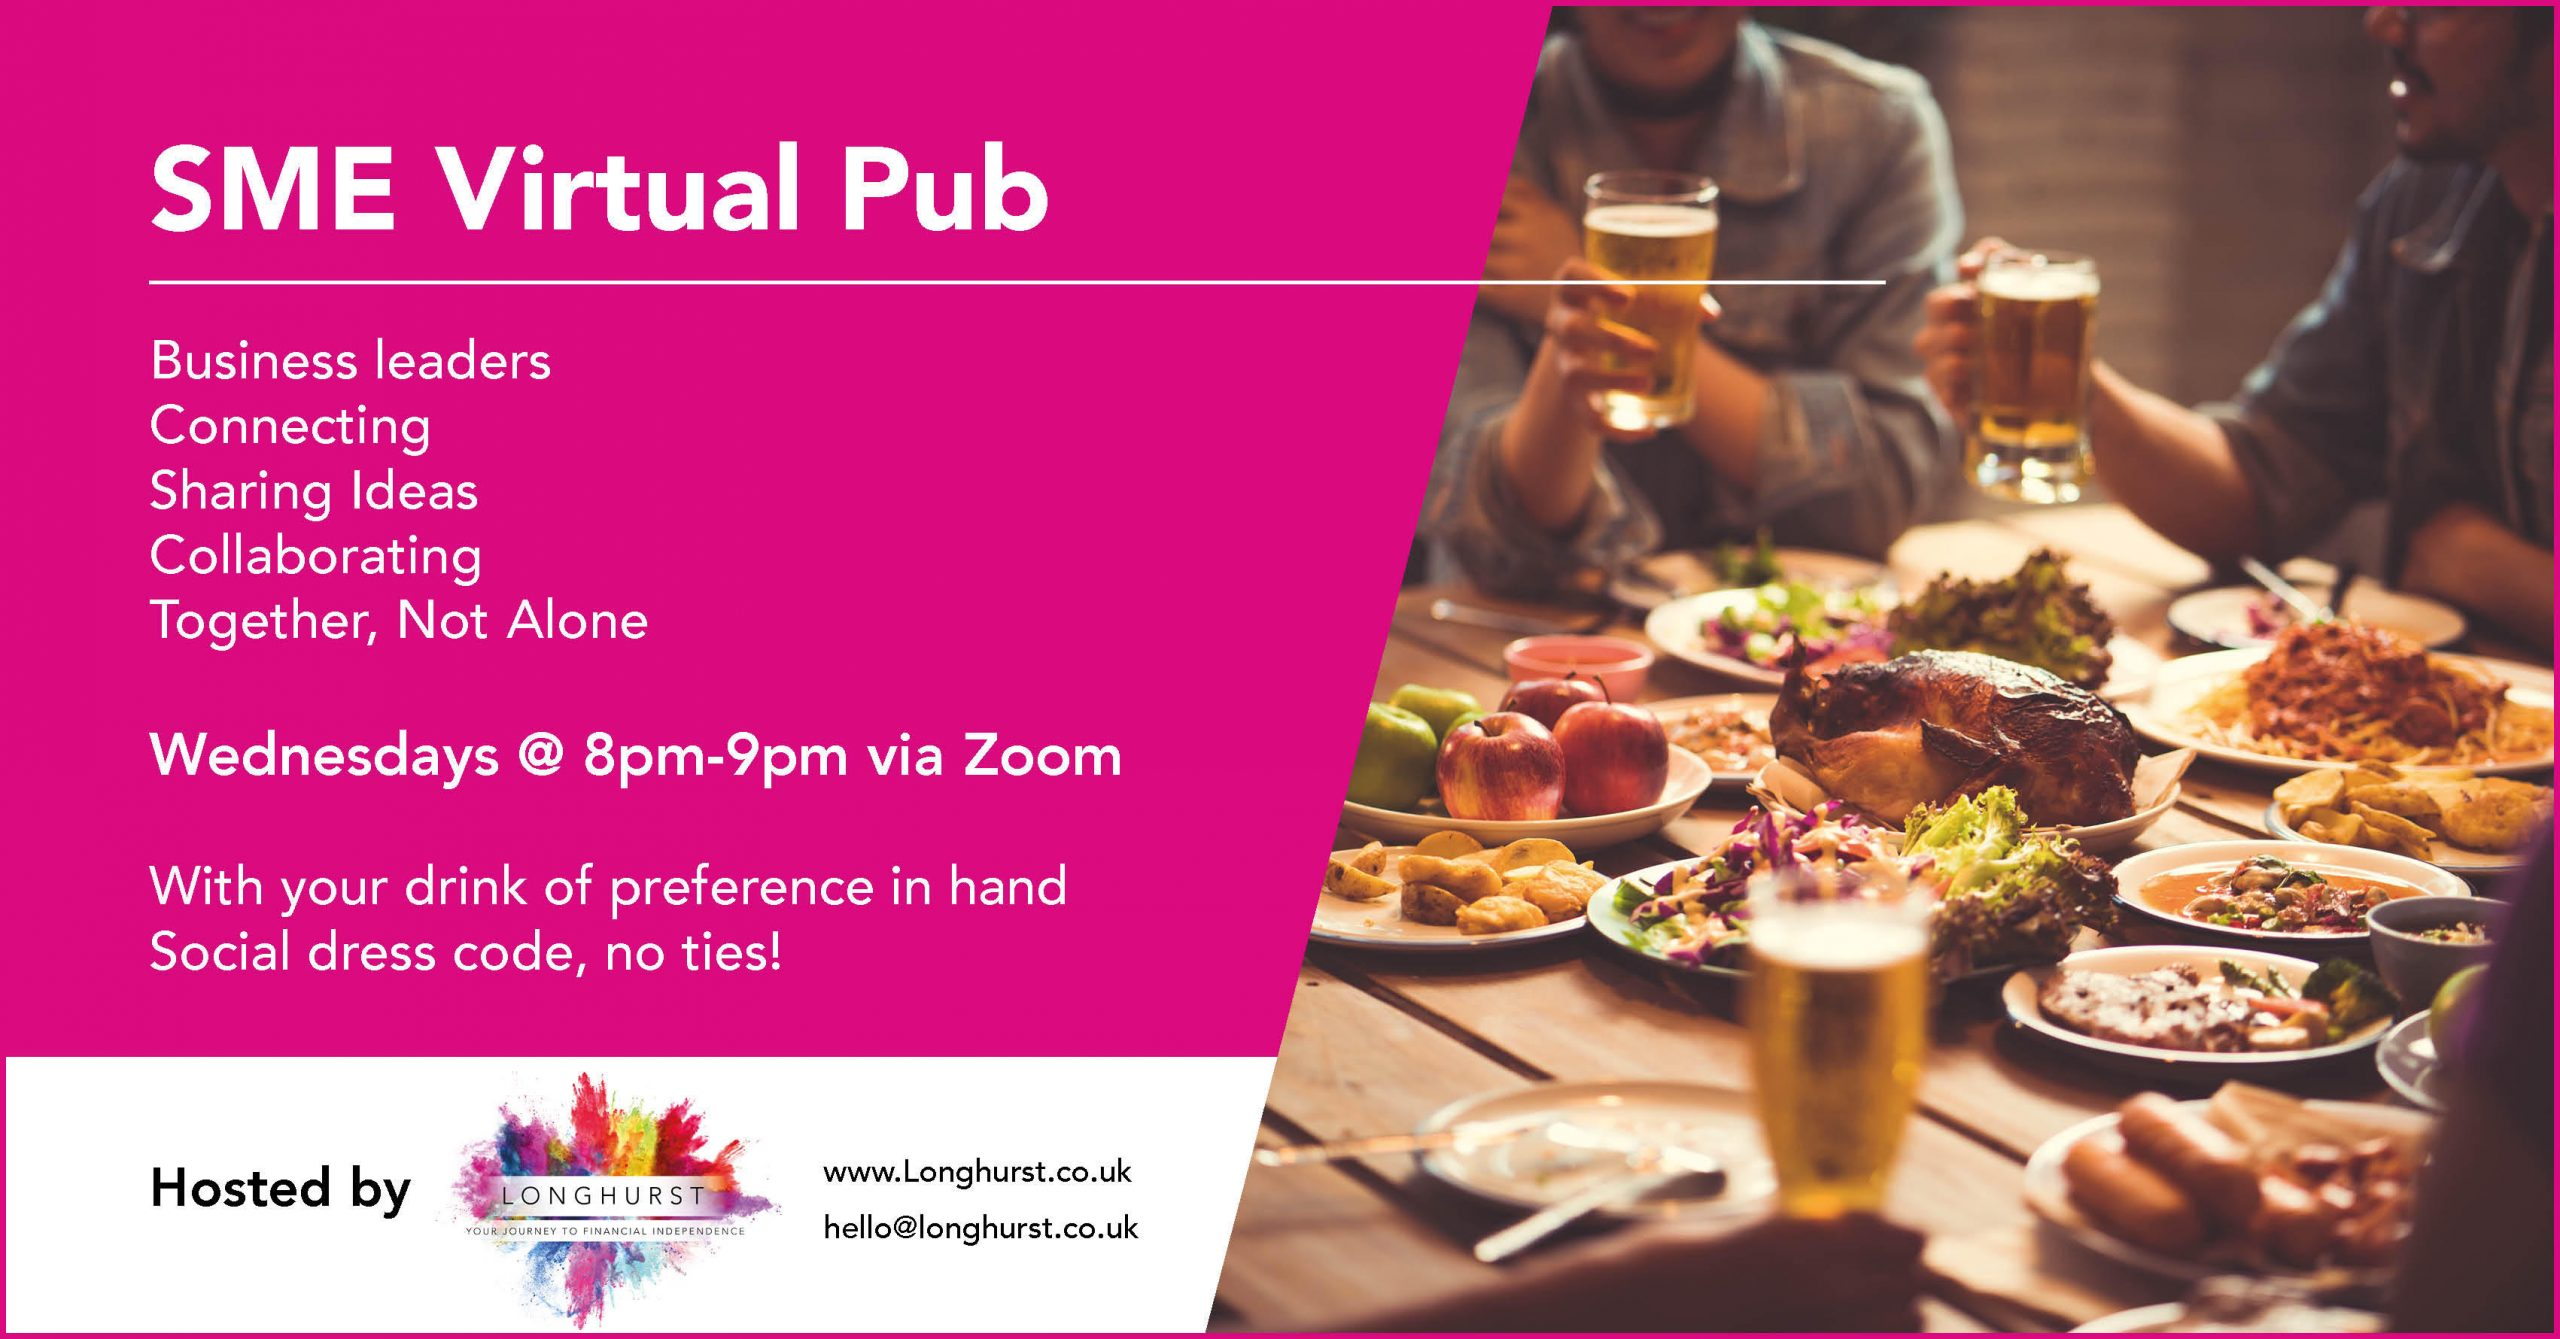 Longhurst SME Virtual Pub